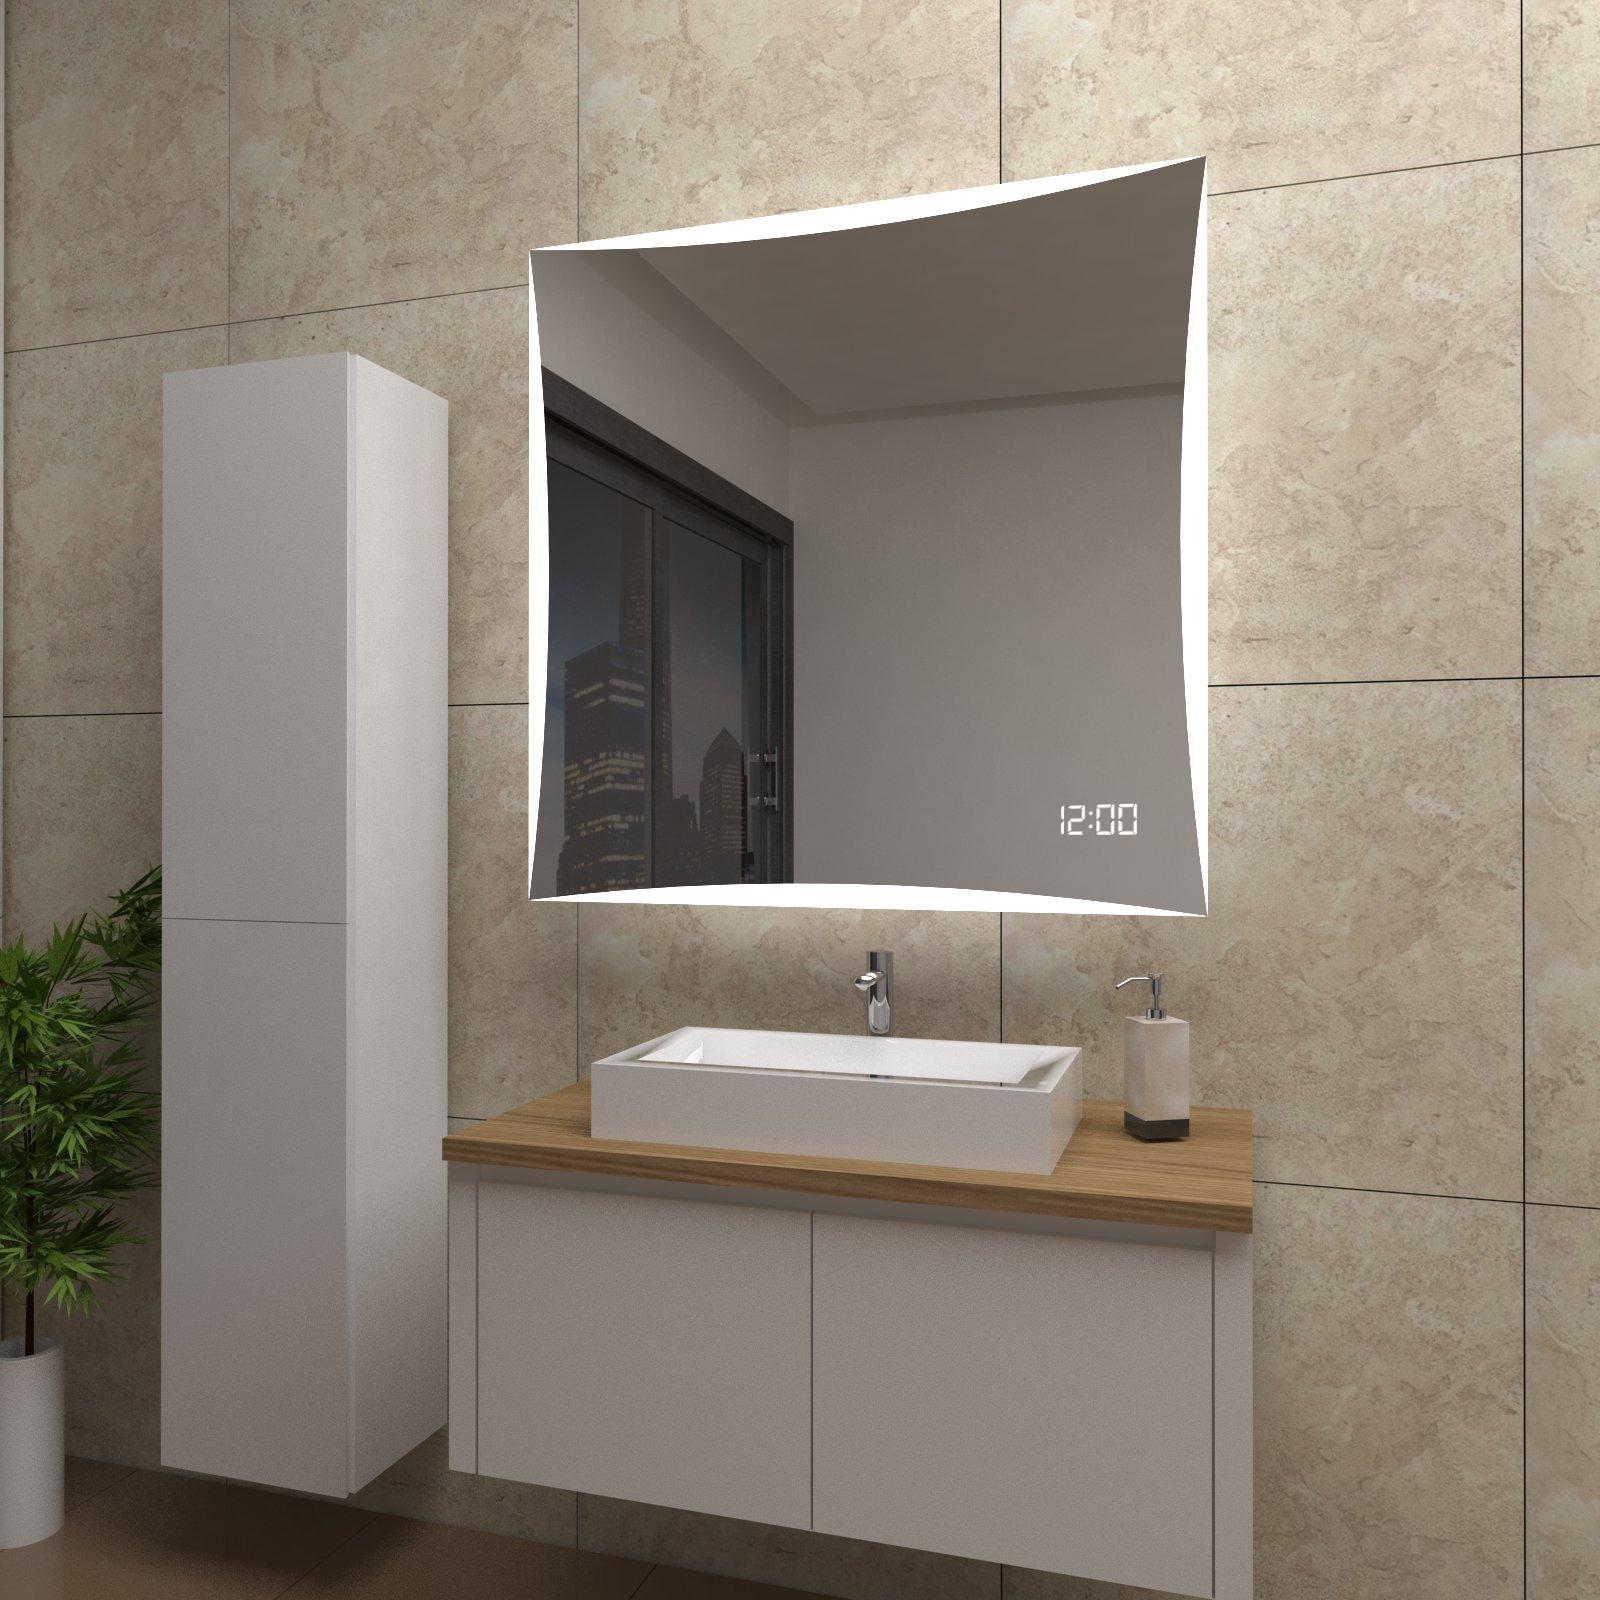 spiegel quinn mit led beleuchtung und uhr beschlagfrei temprix markenspiegel. Black Bedroom Furniture Sets. Home Design Ideas